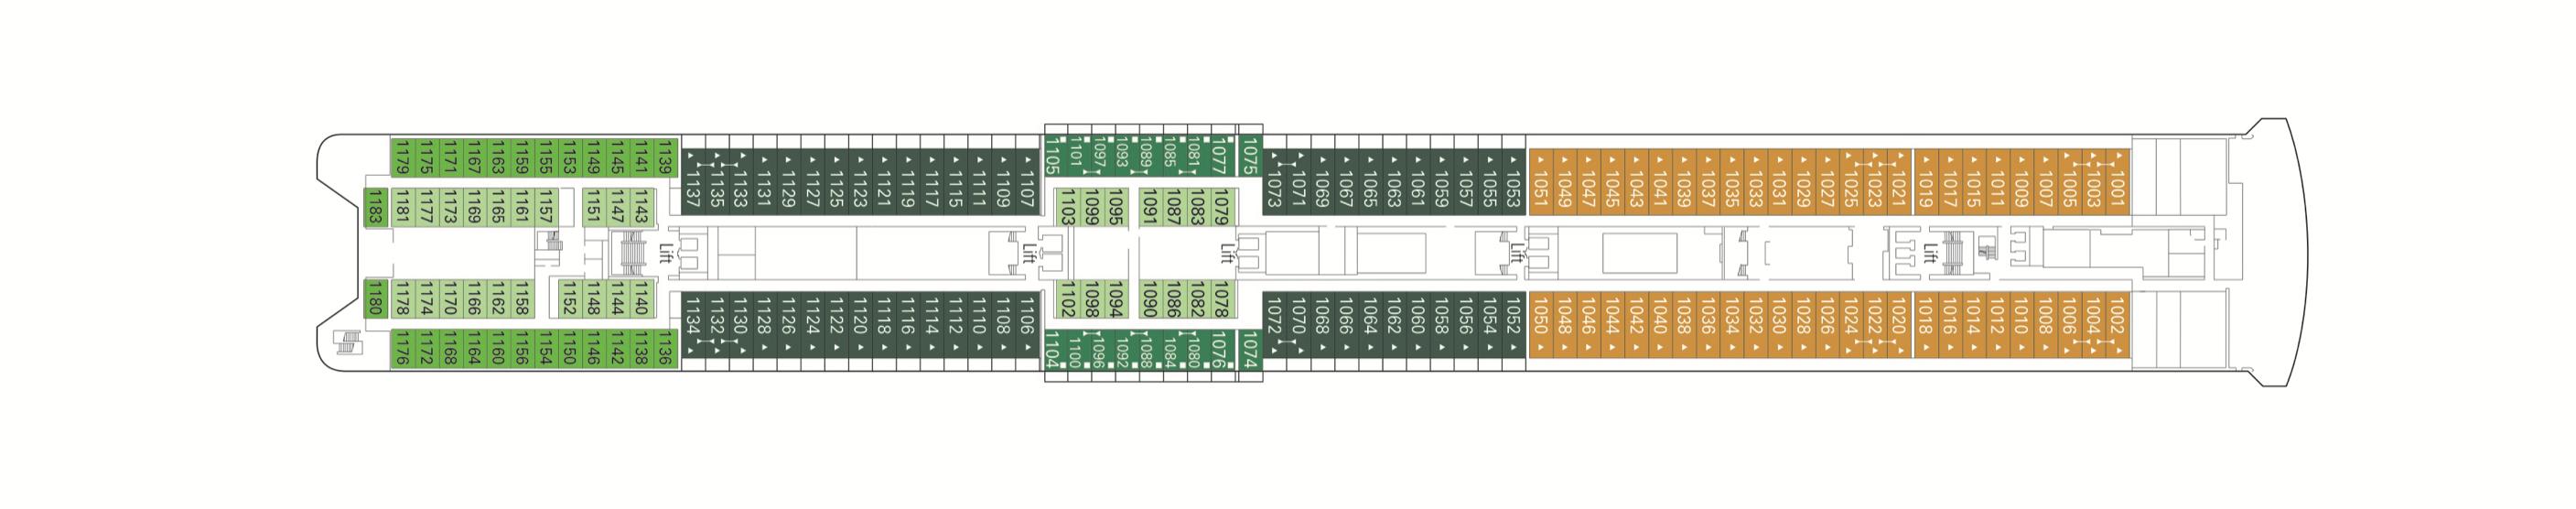 MSC Lirica Class Armonia Deck 10.jpg